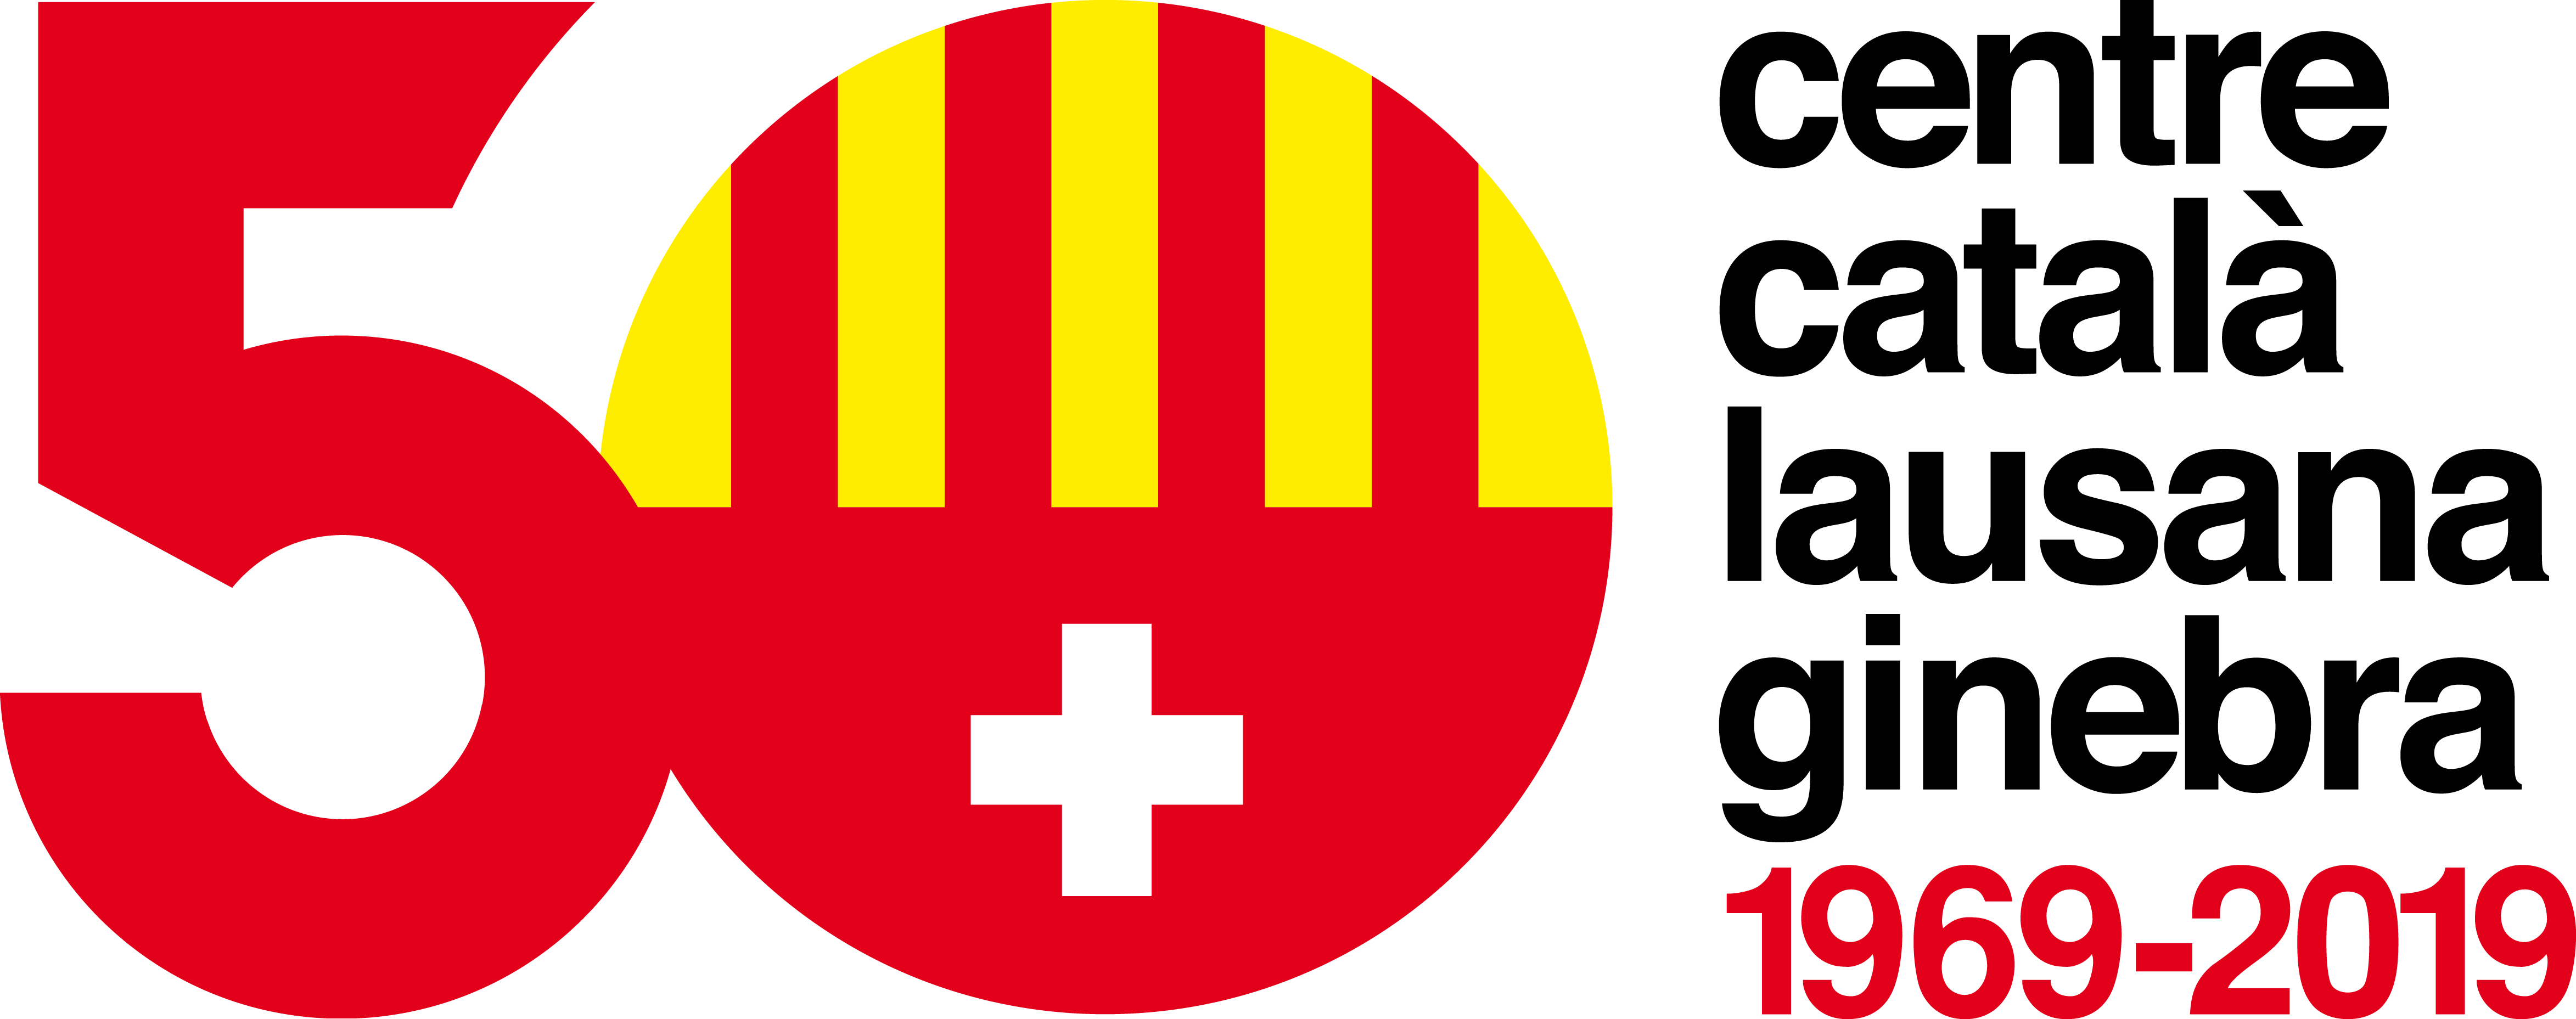 Logo-50-anys-color-amb-anys